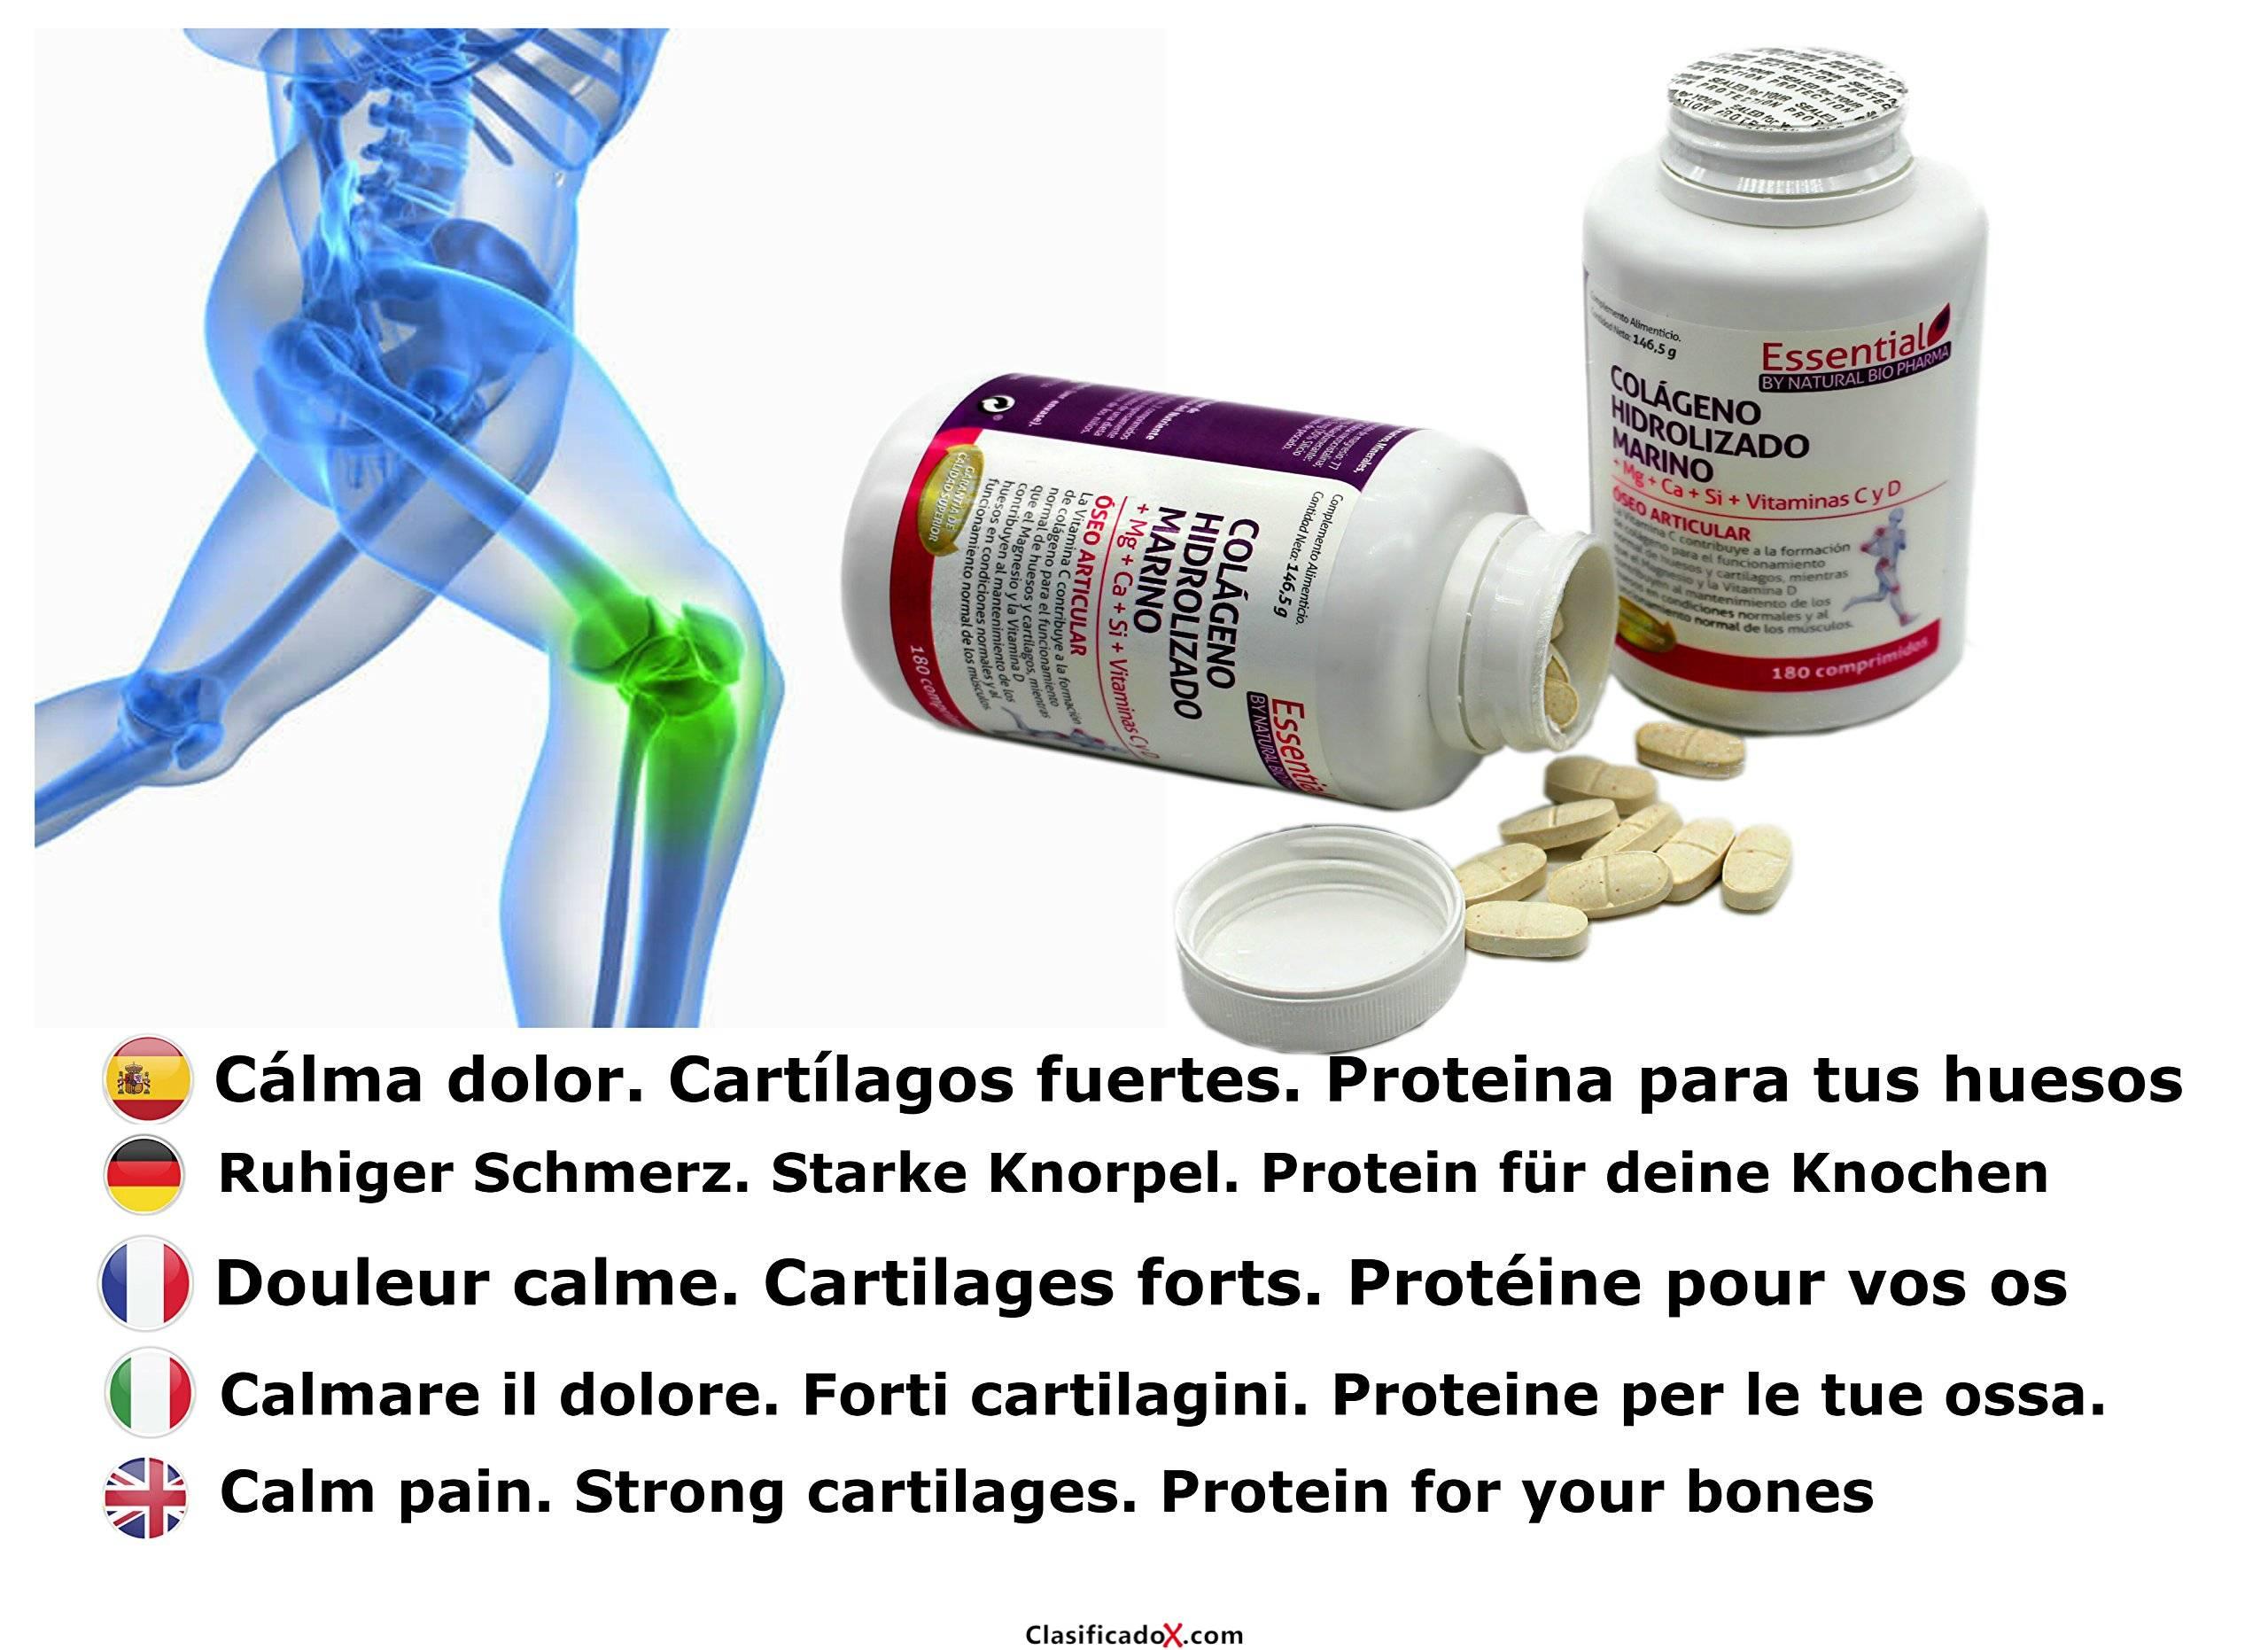 NATURAL BIO Colágeno hidrolizado Magnesio Calcio Vitamina C y D. Colágeno marino hidrolizado con magnesio. Suplementos vitamínicos para tus huesos, dolor en articulaciones.. Envíos a Alacant